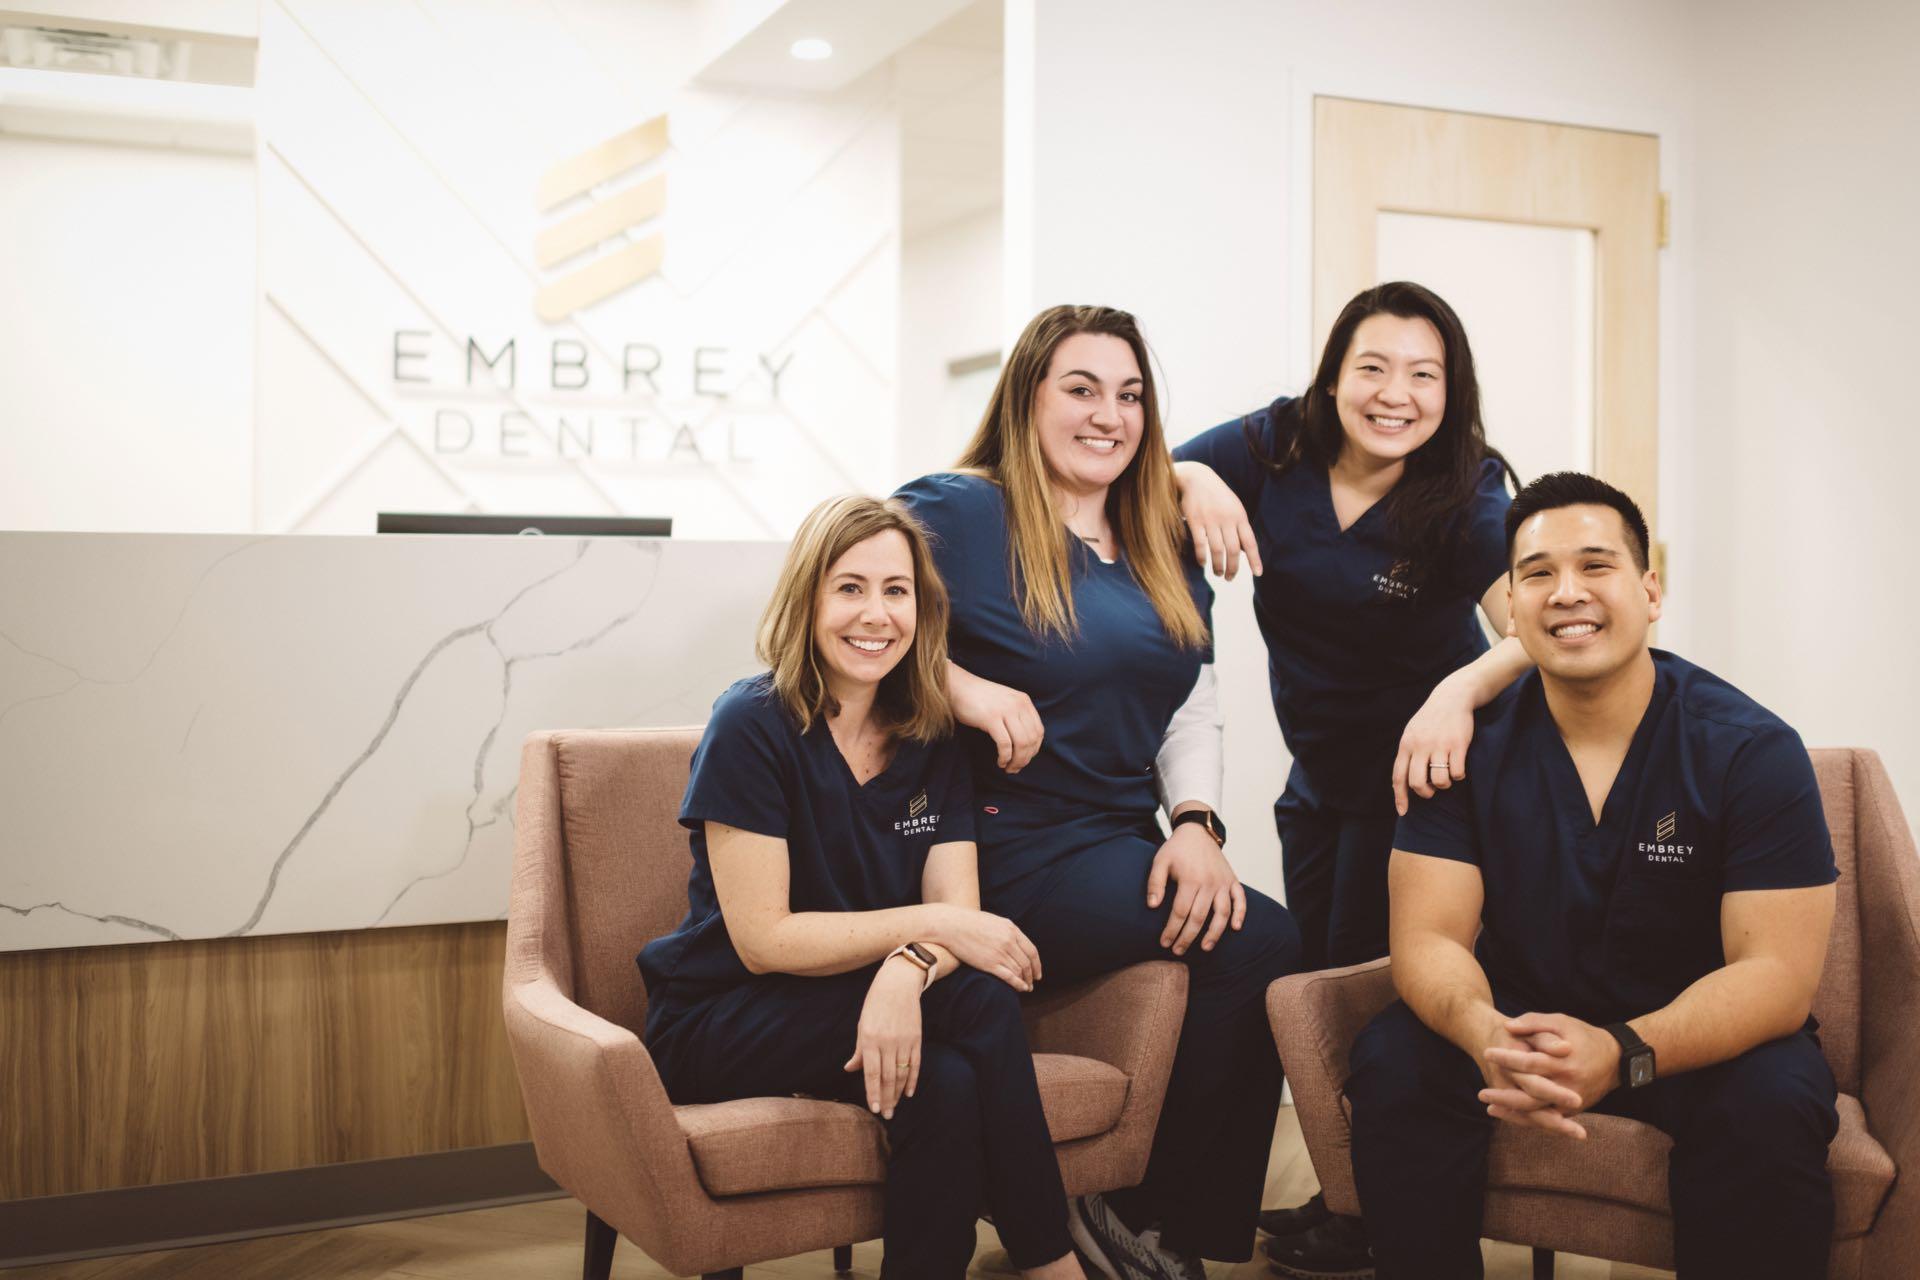 Photo of the Embrey Dental team